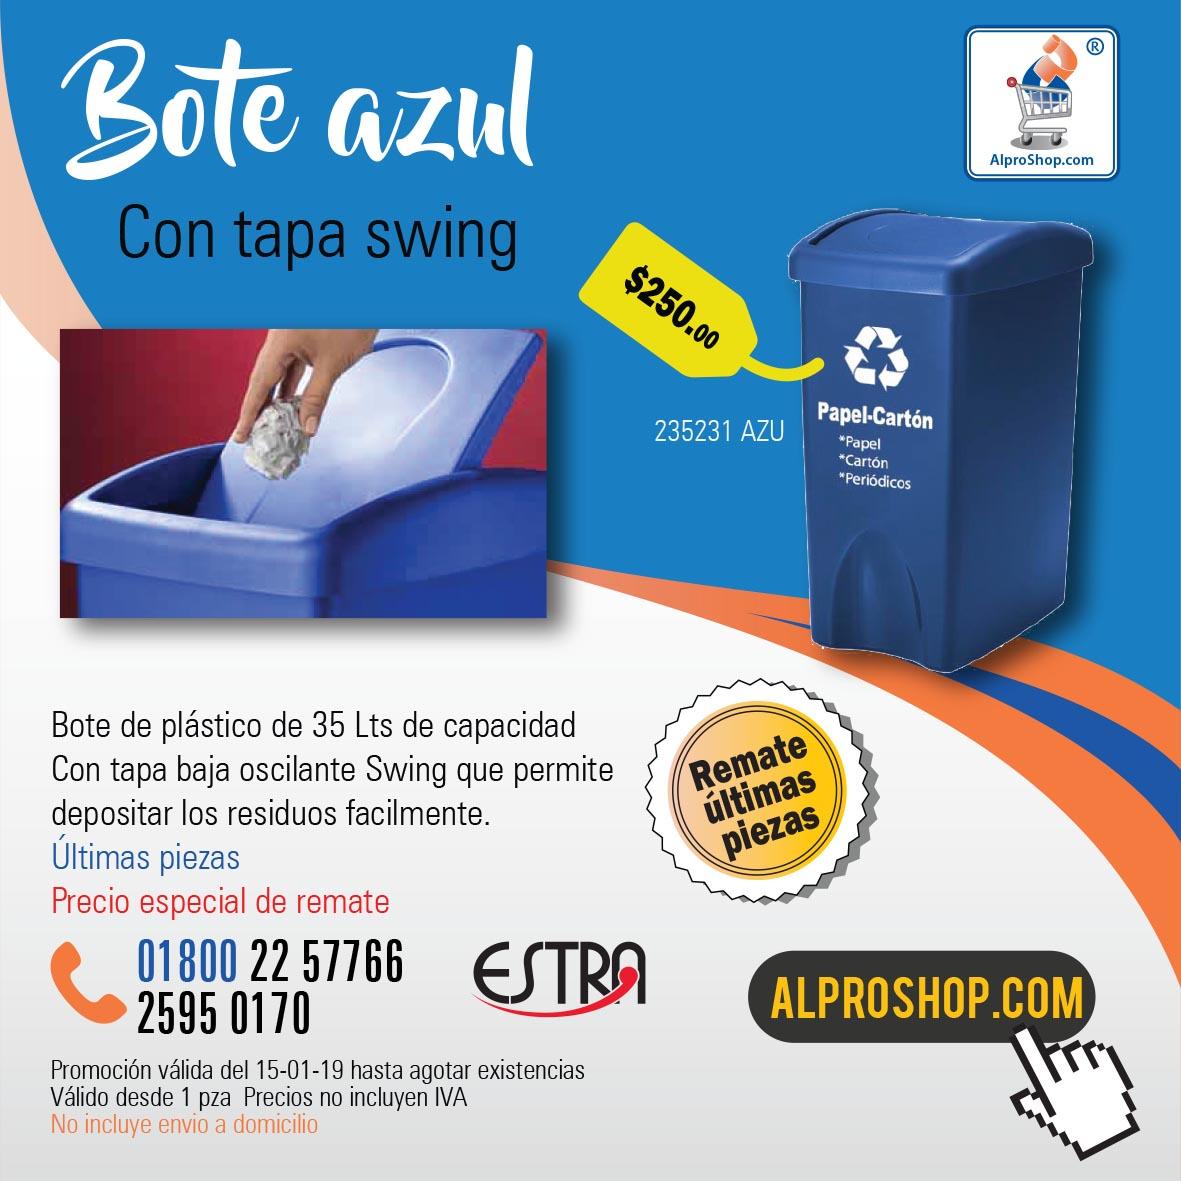 bote-azul-con-tapa-swiing.jpg